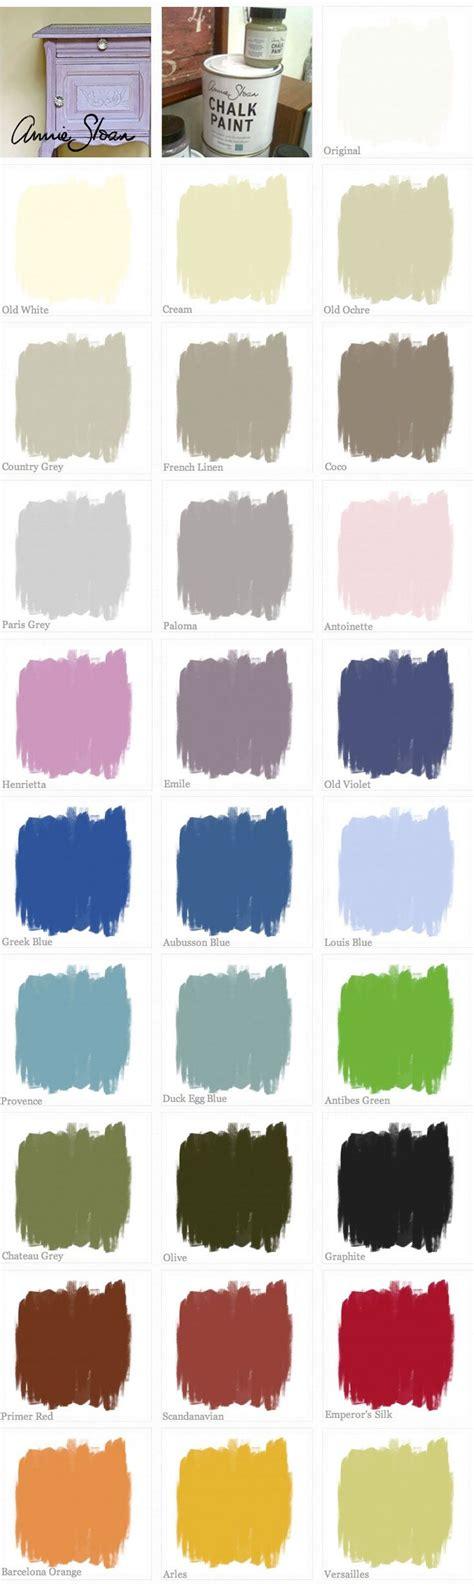 chalk paint blue colors chalk paint sloan chalk paint color swatches